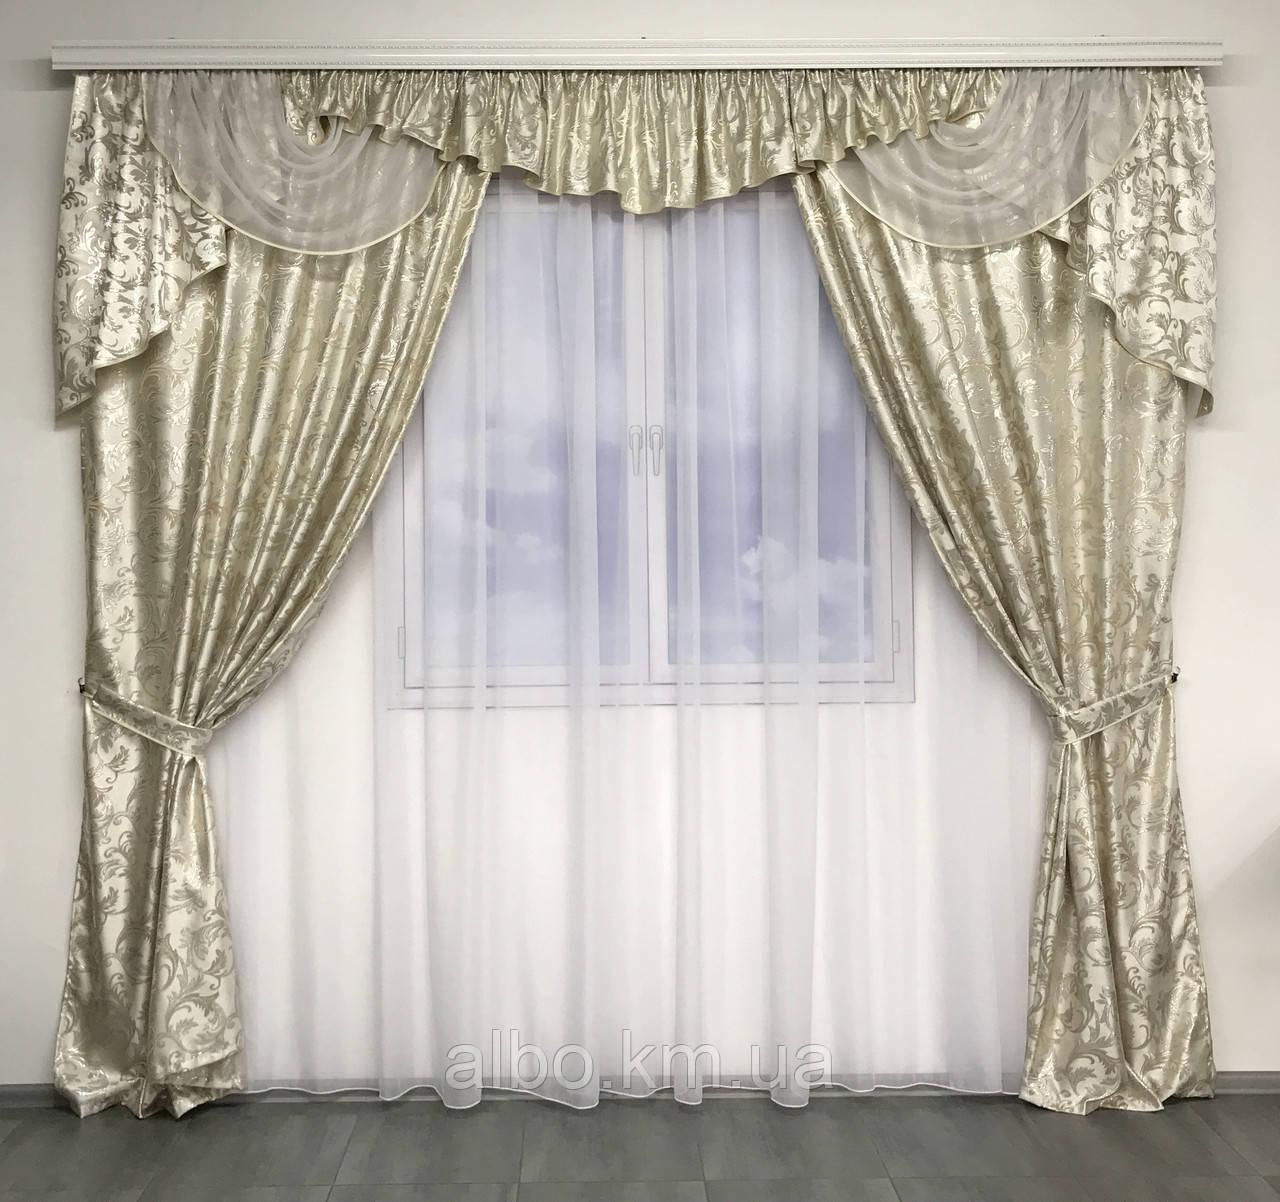 Комплект штор і ламбрекену в кімнату зал спальню, жакардові штори з ламбрекеном на карниз в спальню вітальню кухню, ламбрекен для